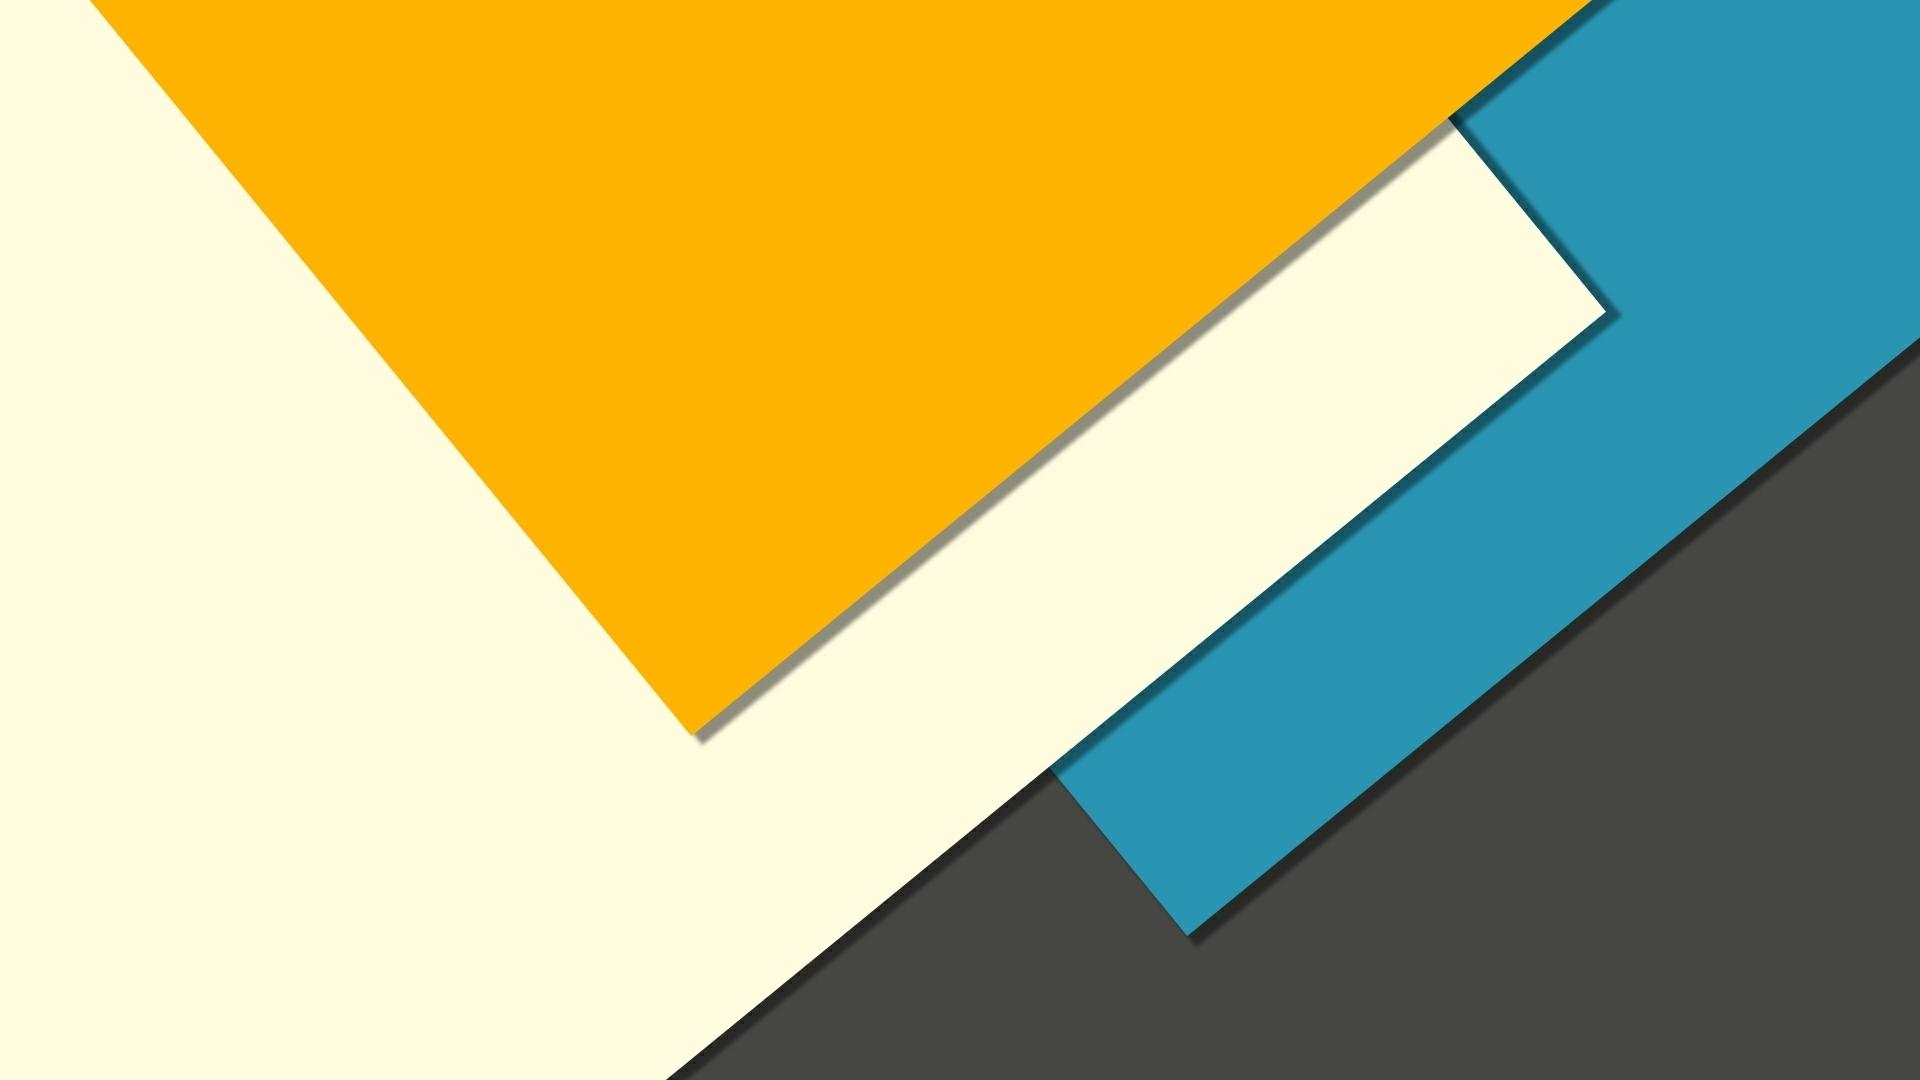 Линии фигуры material design  № 3215746 бесплатно